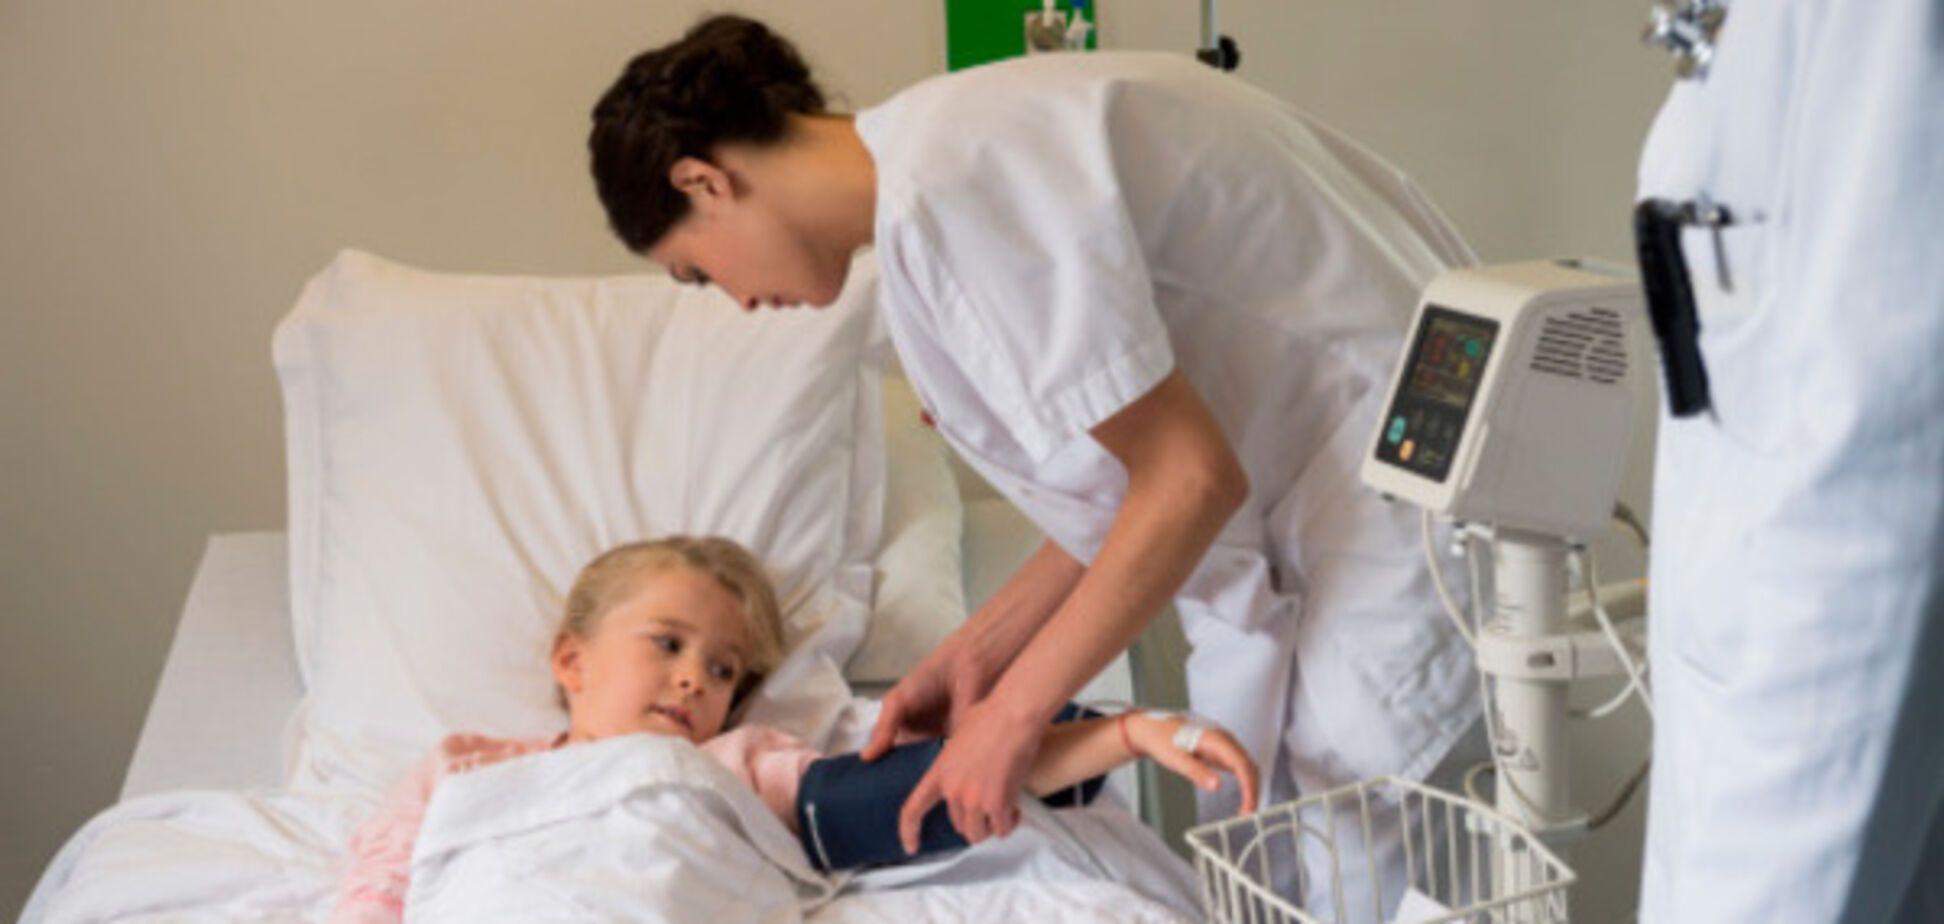 Недиагностированная гипертония: сотни тысяч детей страдают от повышенного давления